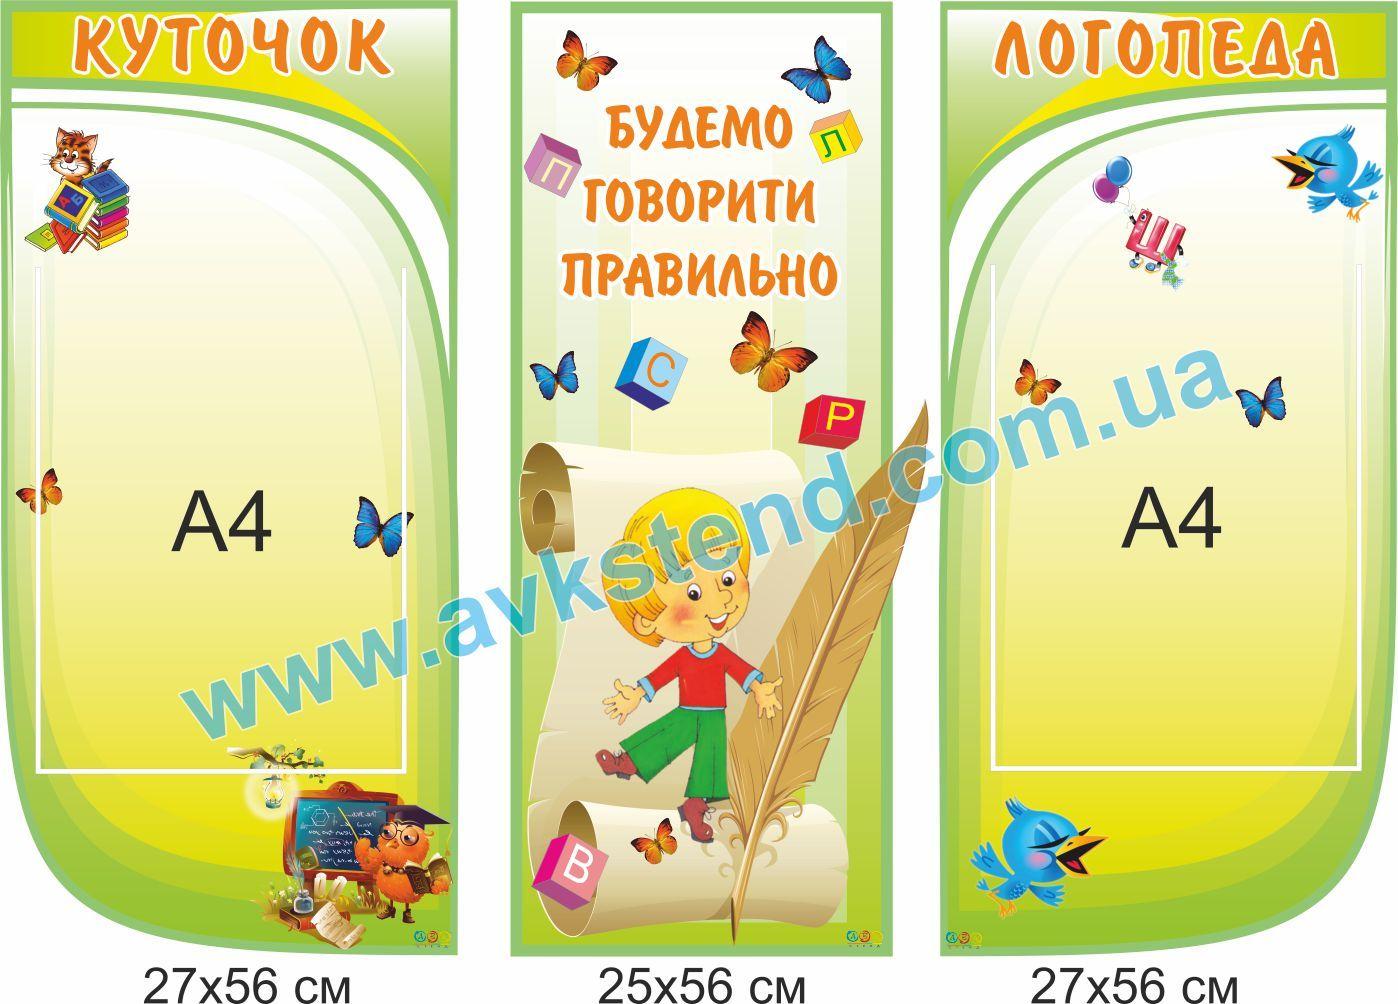 куок логопеда, стенд для логопеда, стенди для ДНЗ, стенди для садочка купити, стенди у групу замовити, стенды для ДУЗ, стенды для сада купить, стенды в группу заказать, стенди для дитячого садочка, стенды для детского сада, Україна, Украина, стенд логопед, стенд для логопеда, куточок логопеда, стенд логопед, стенд для логопеда, уголок логопеда, Україна, Украина,